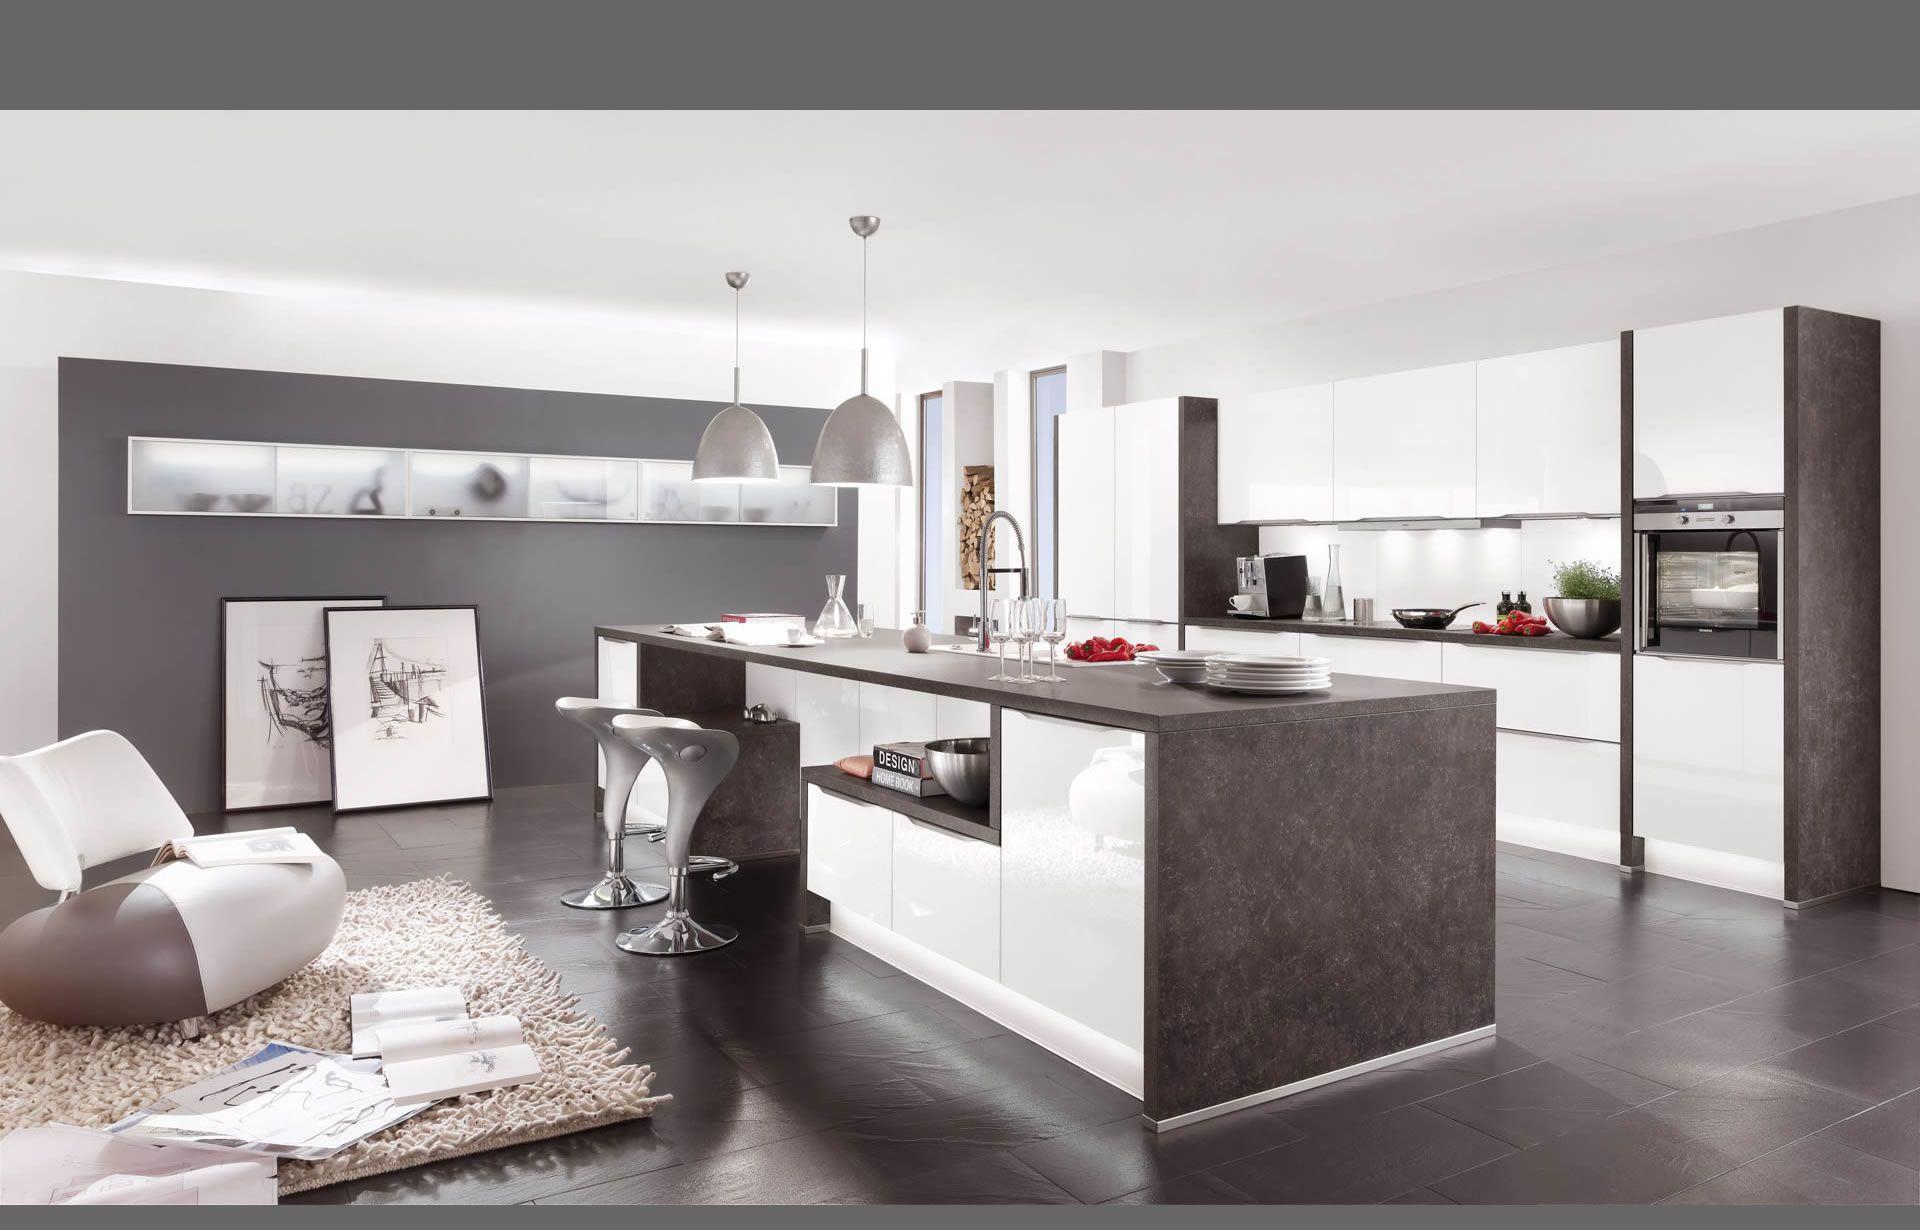 Fußboden Küche Landhausstil ~ Fußboden küche landhausstil fussboden kuche landhausstil